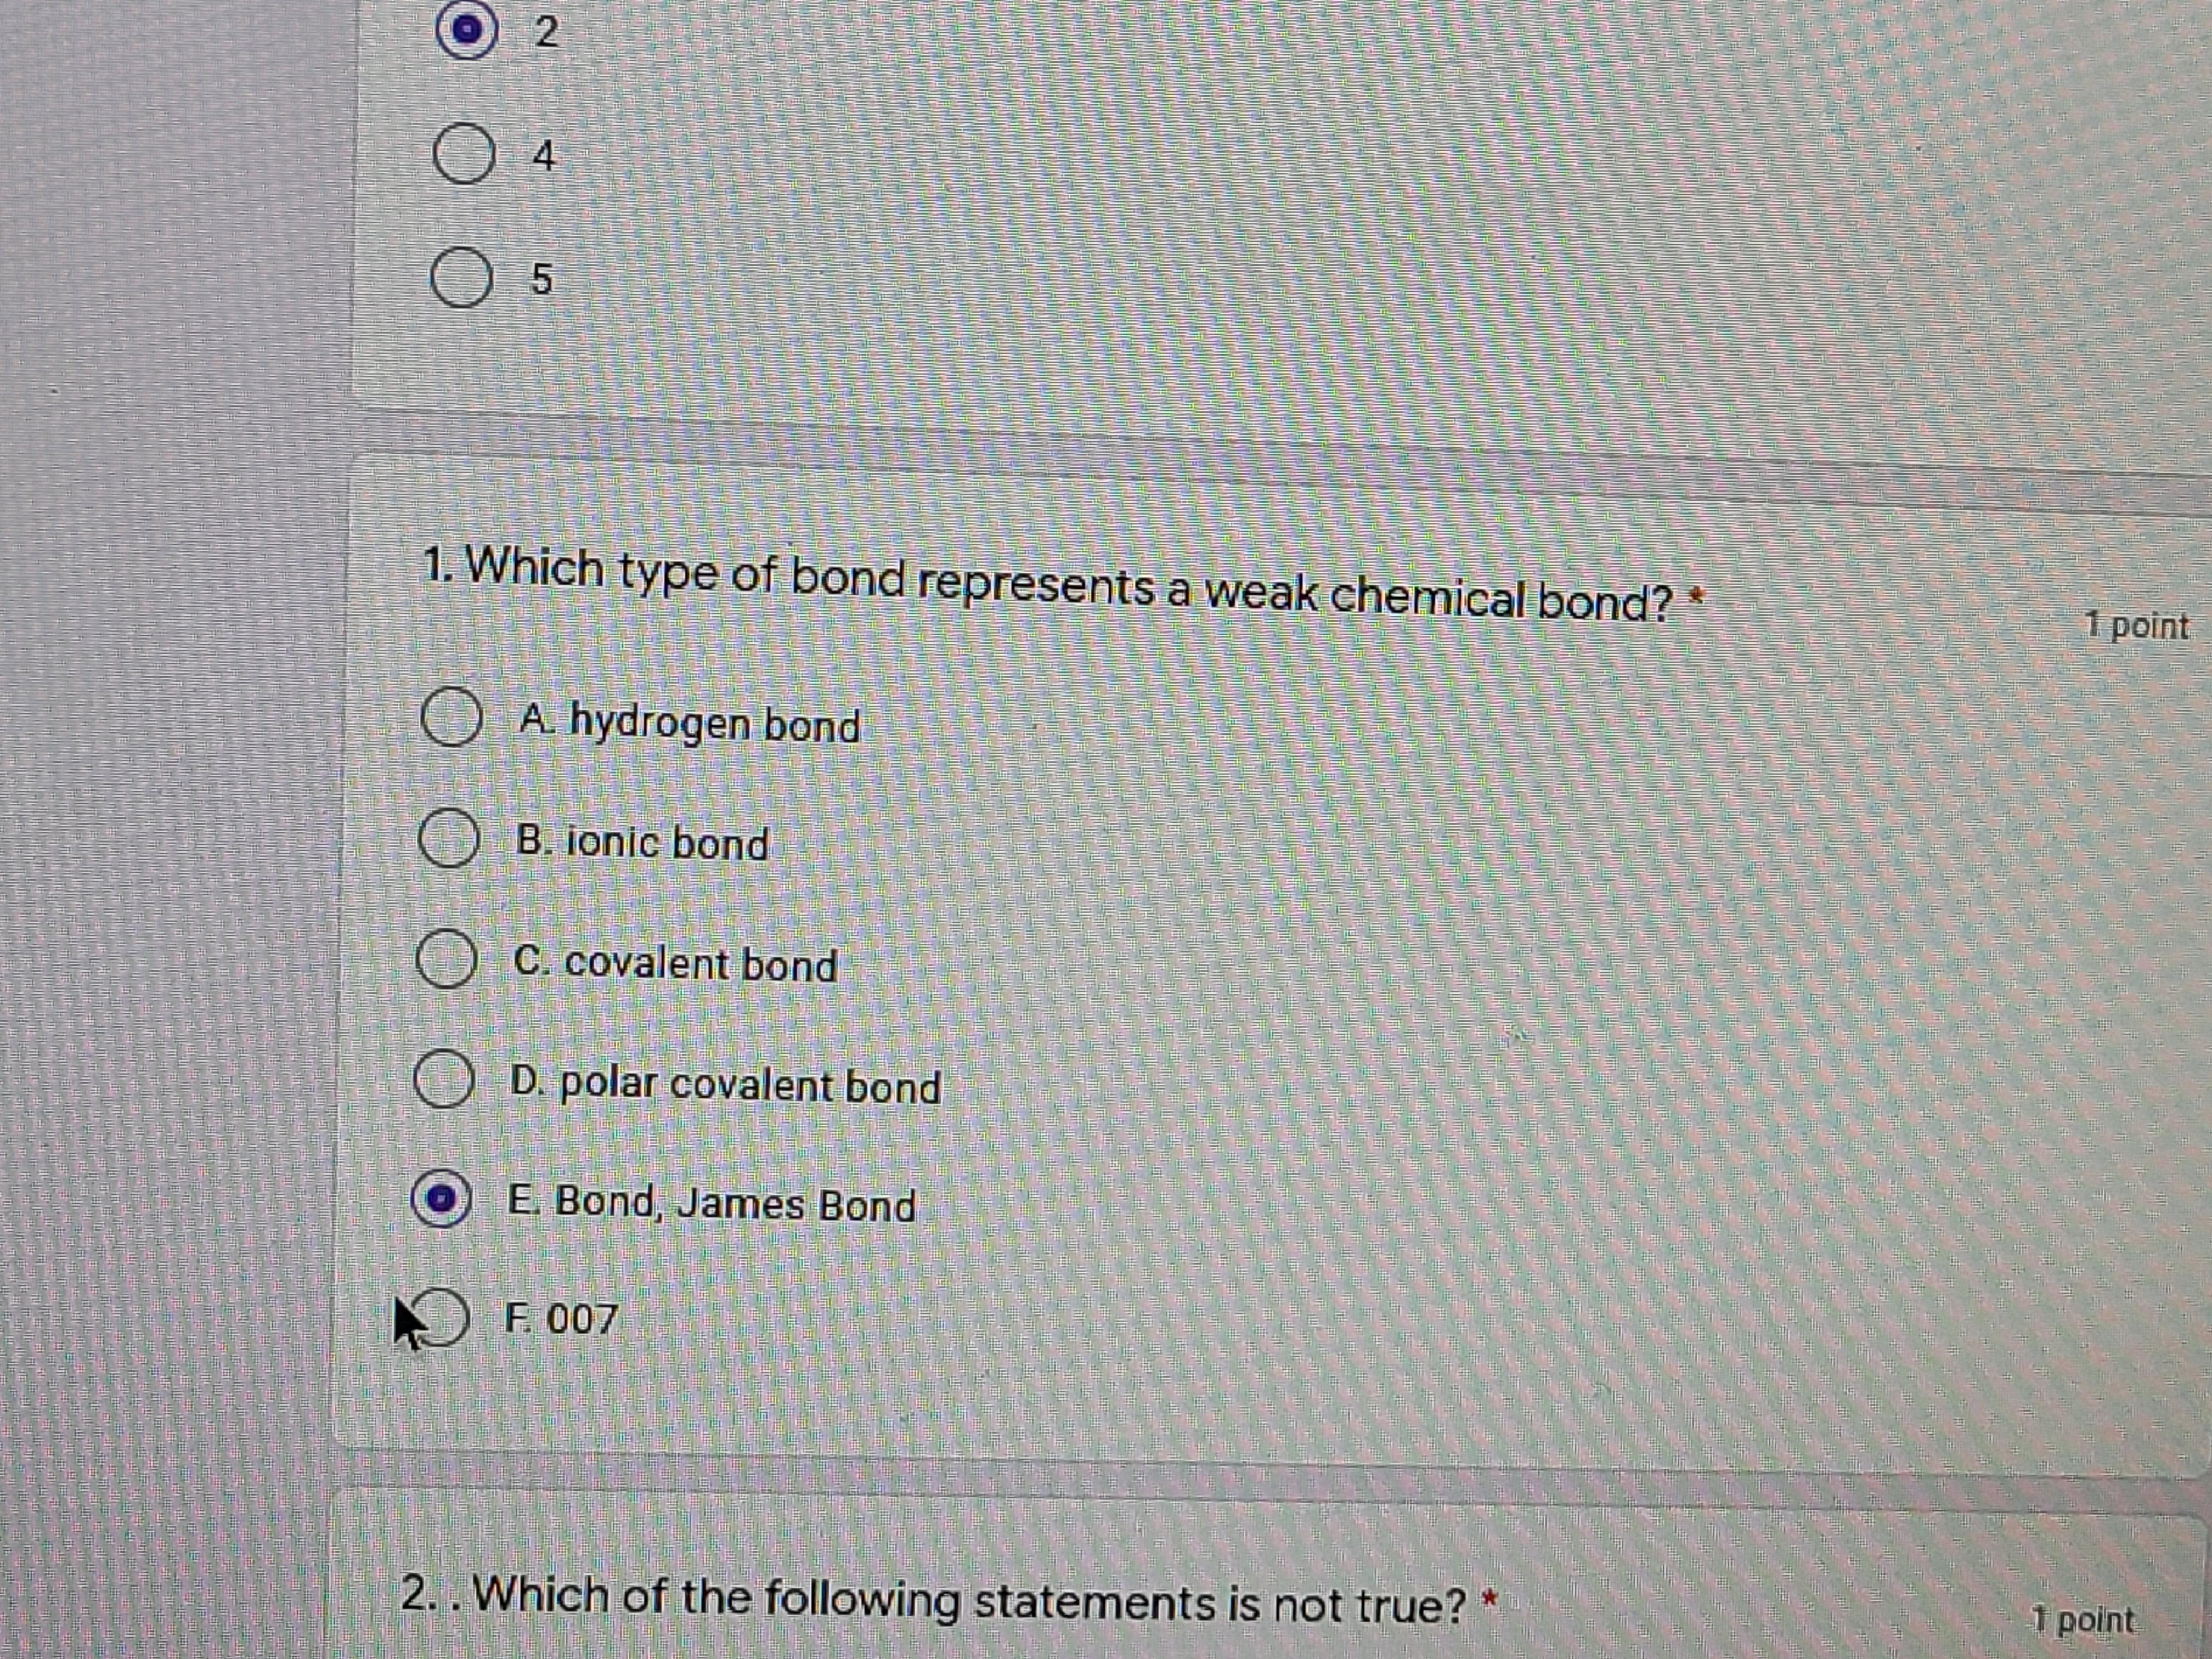 My science quiz today